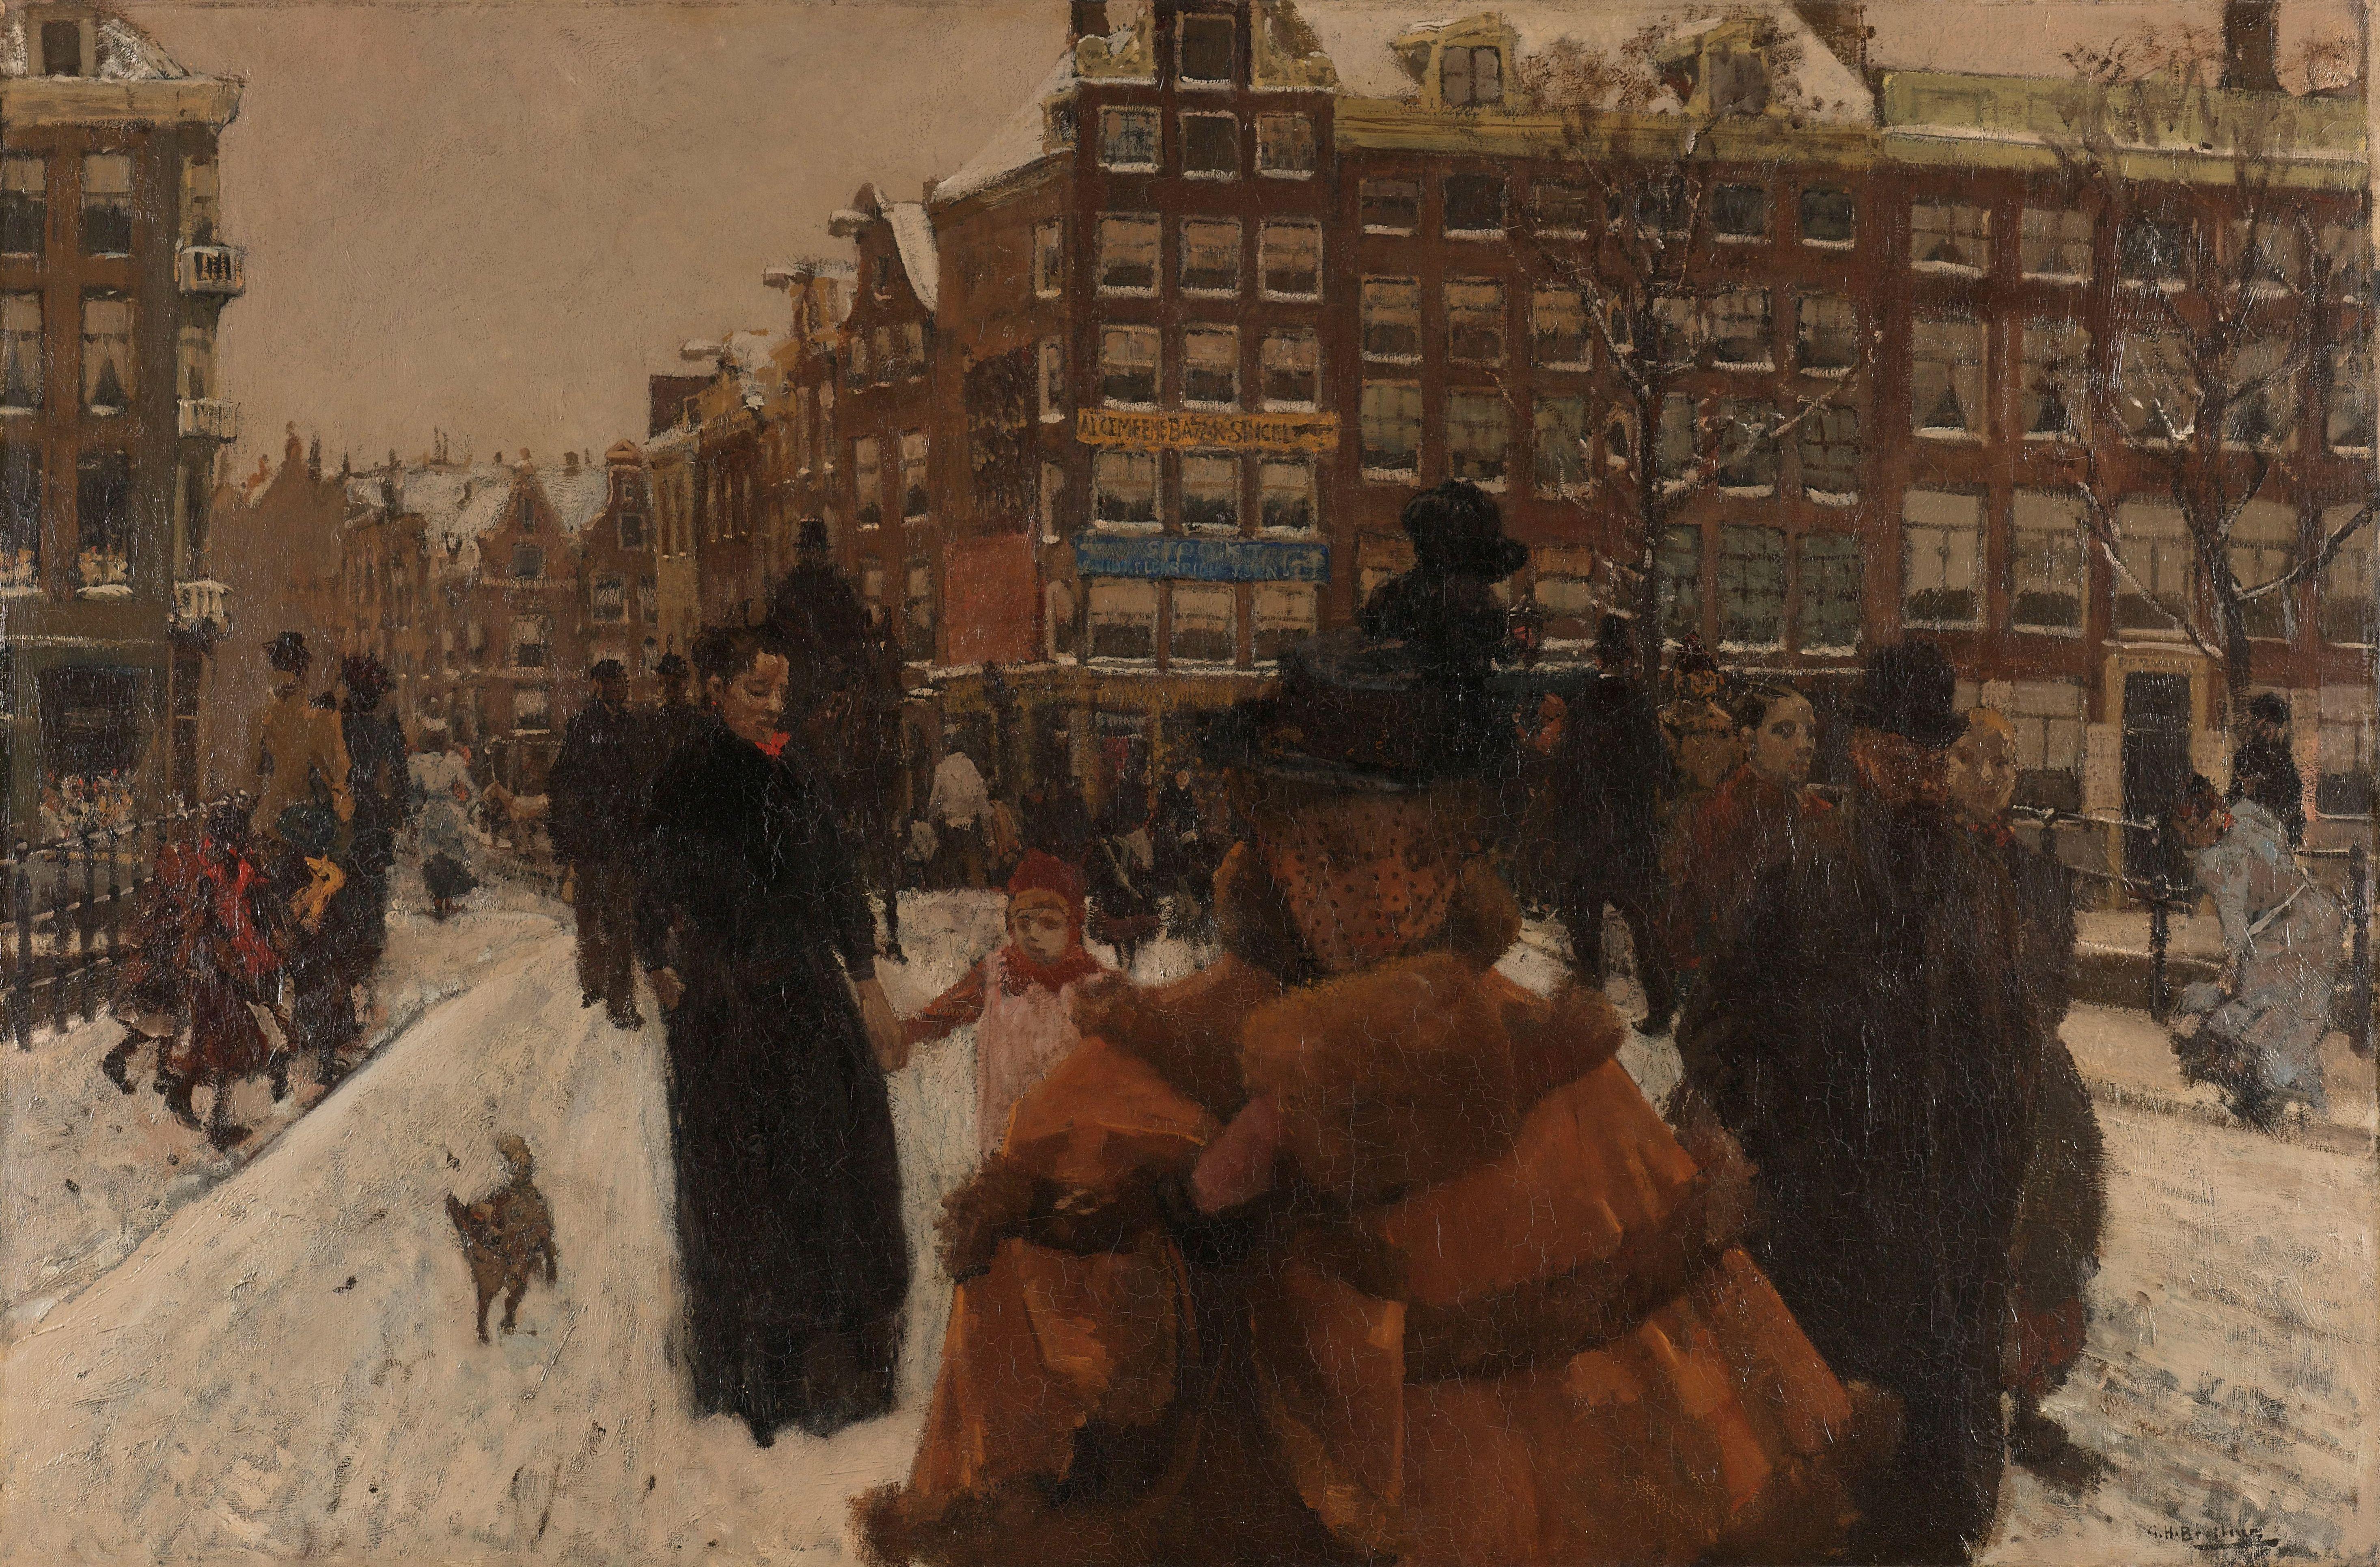 The Singel Bridge at the Paleisstraat in Amsterdam, George Hendrik Breitner, 1898